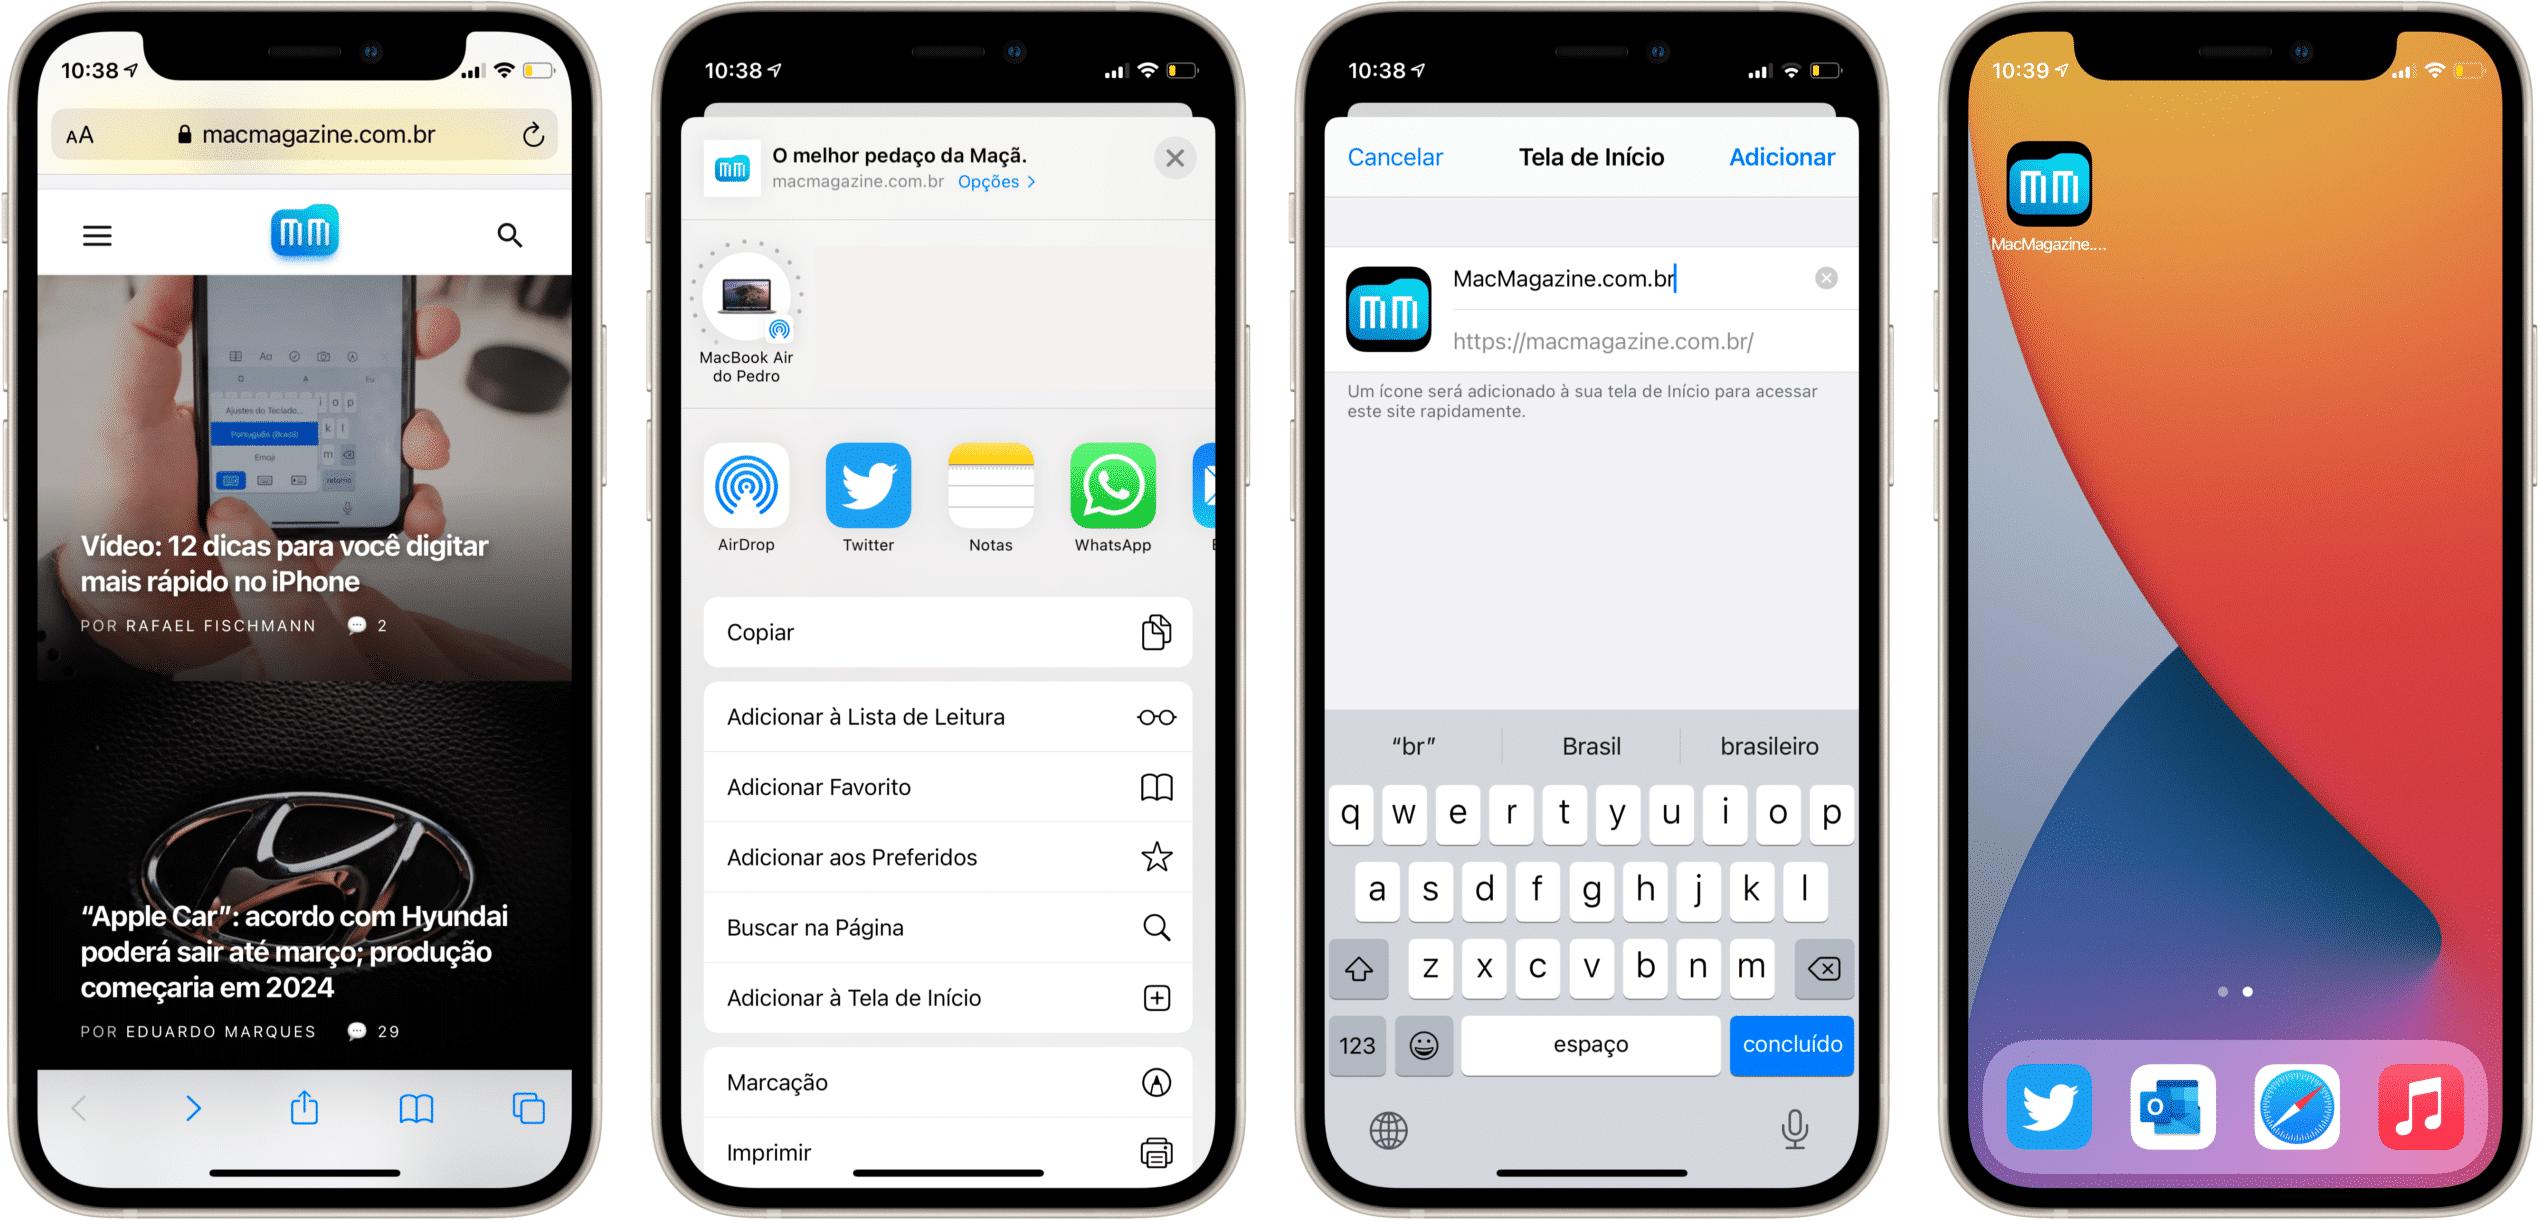 Adicionando sites na Tela de Início do iPhone